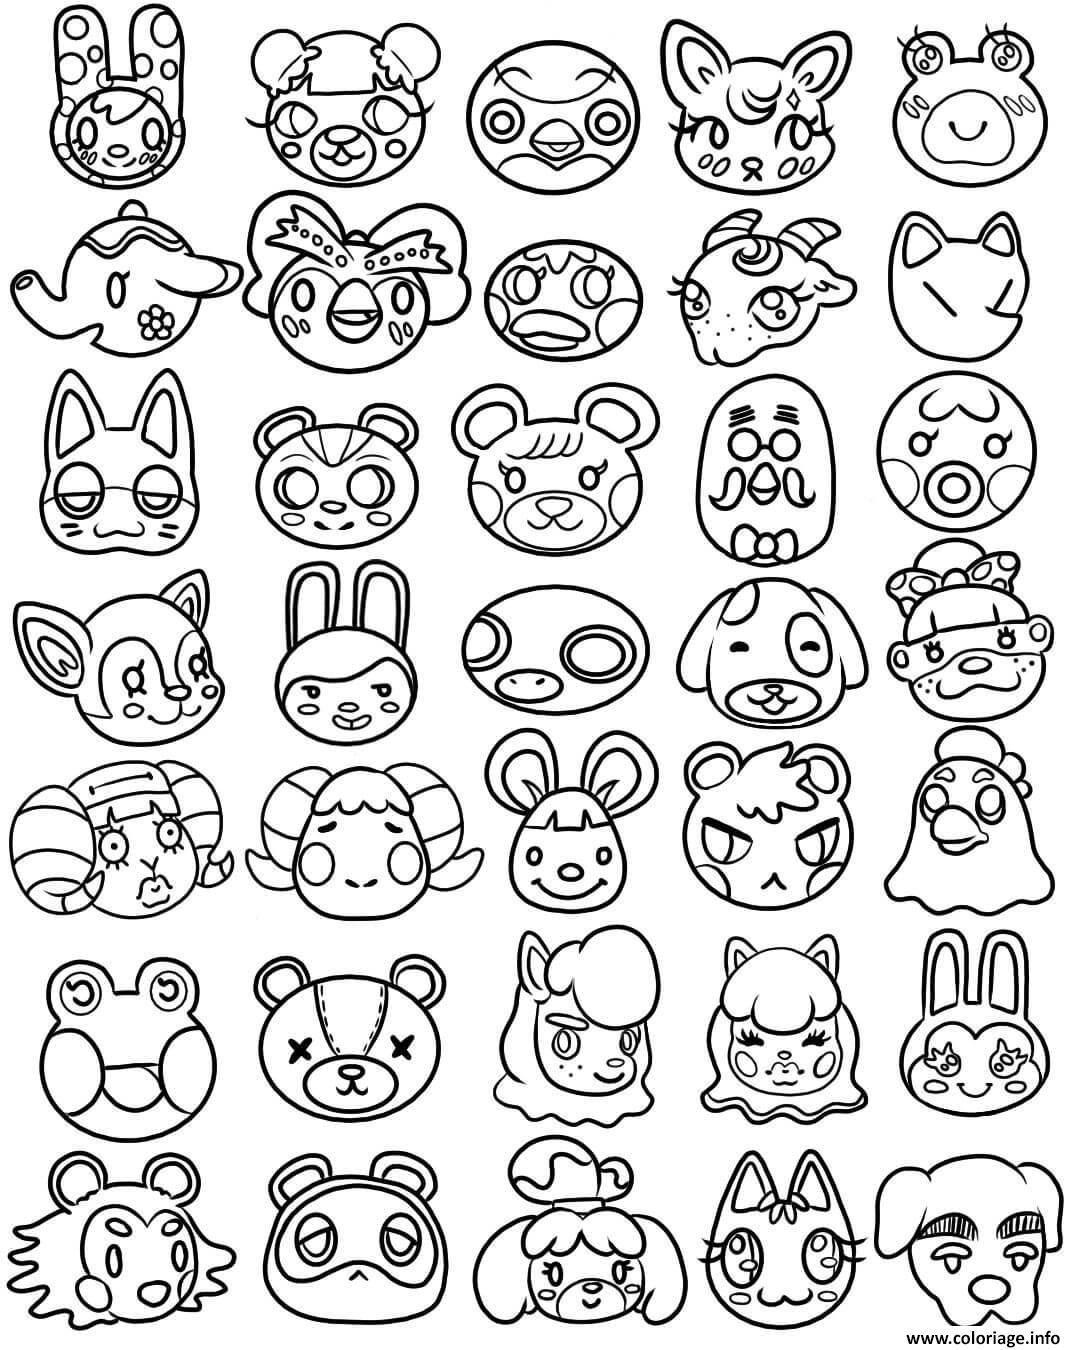 Dessin animal crossing kawaii cute head Coloriage Gratuit à Imprimer